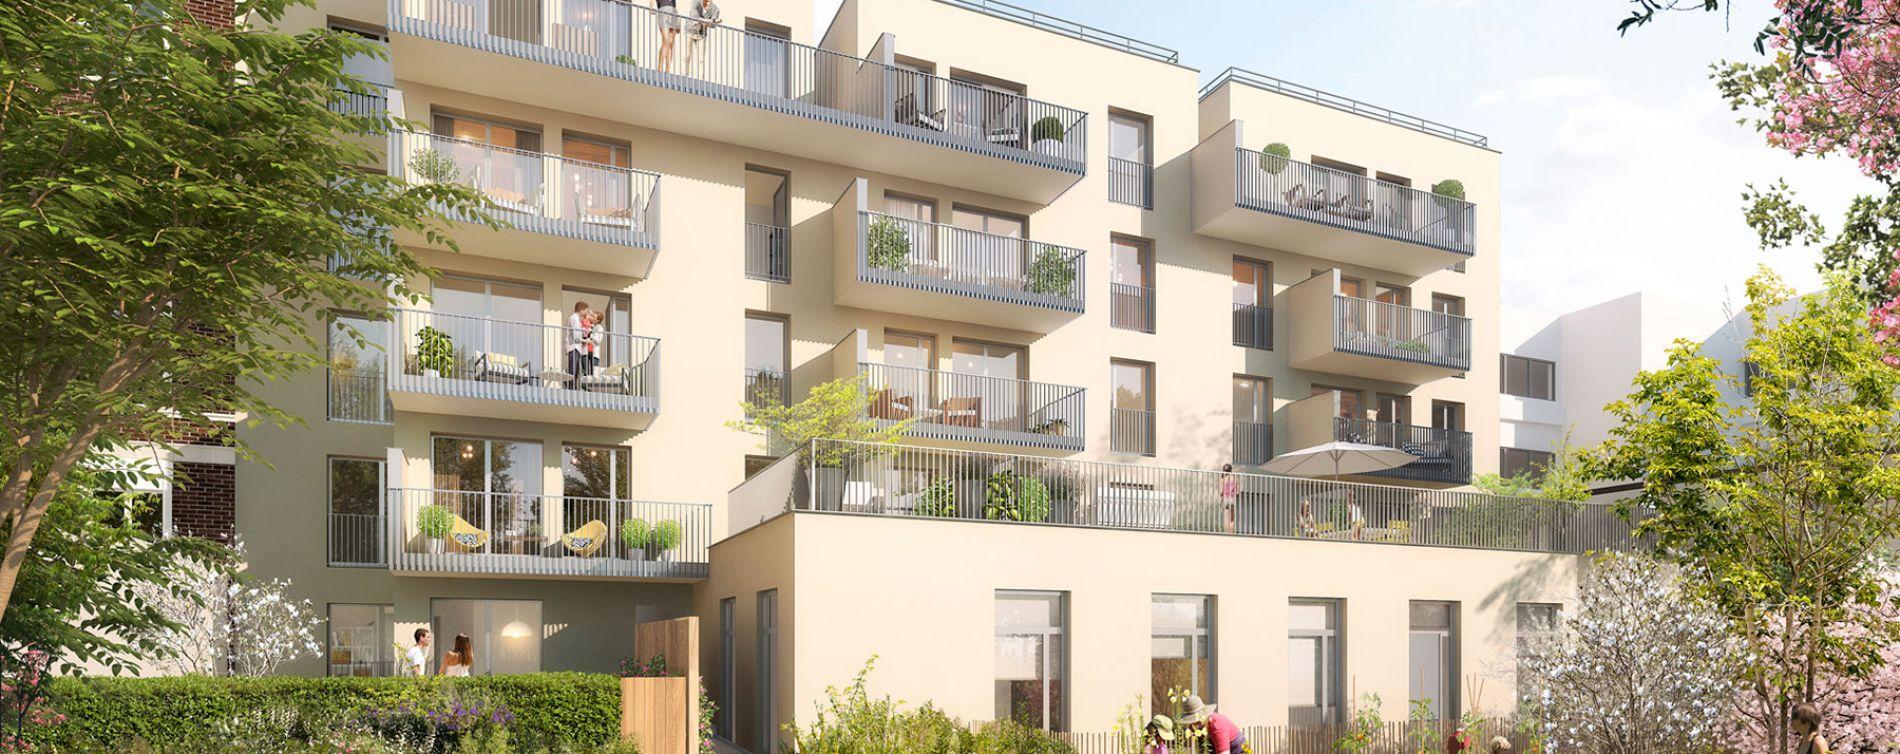 Montrouge : programme immobilier neuve « Cityzen » (3)